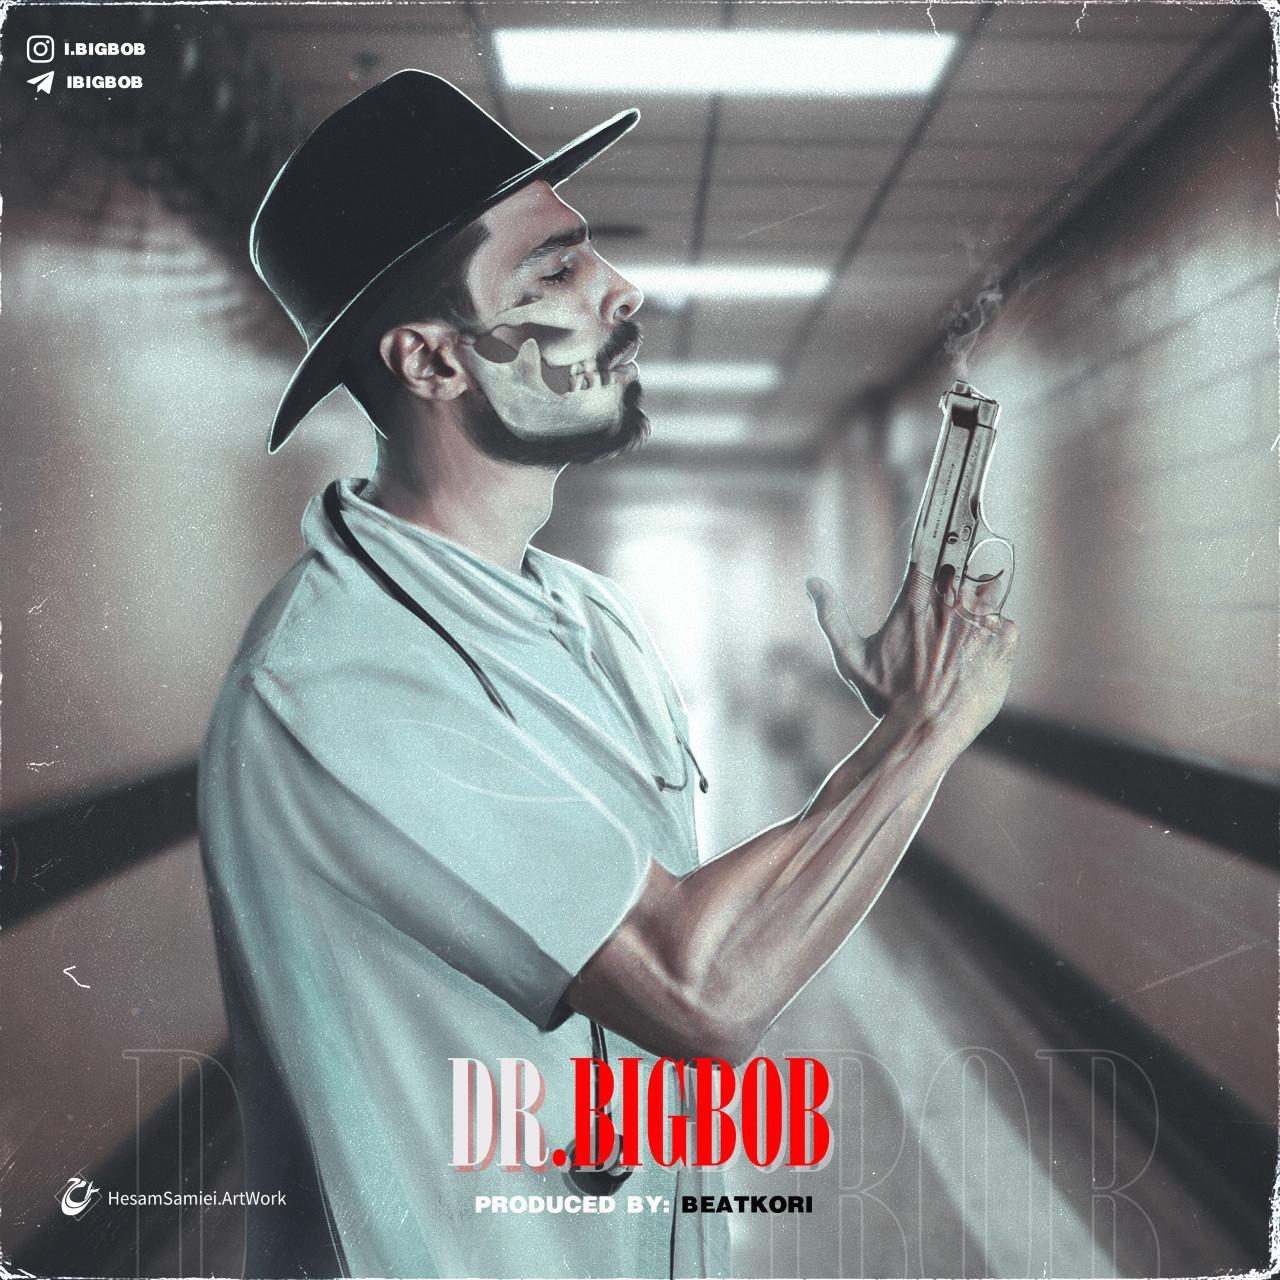 BigBob - Dr.BigBob